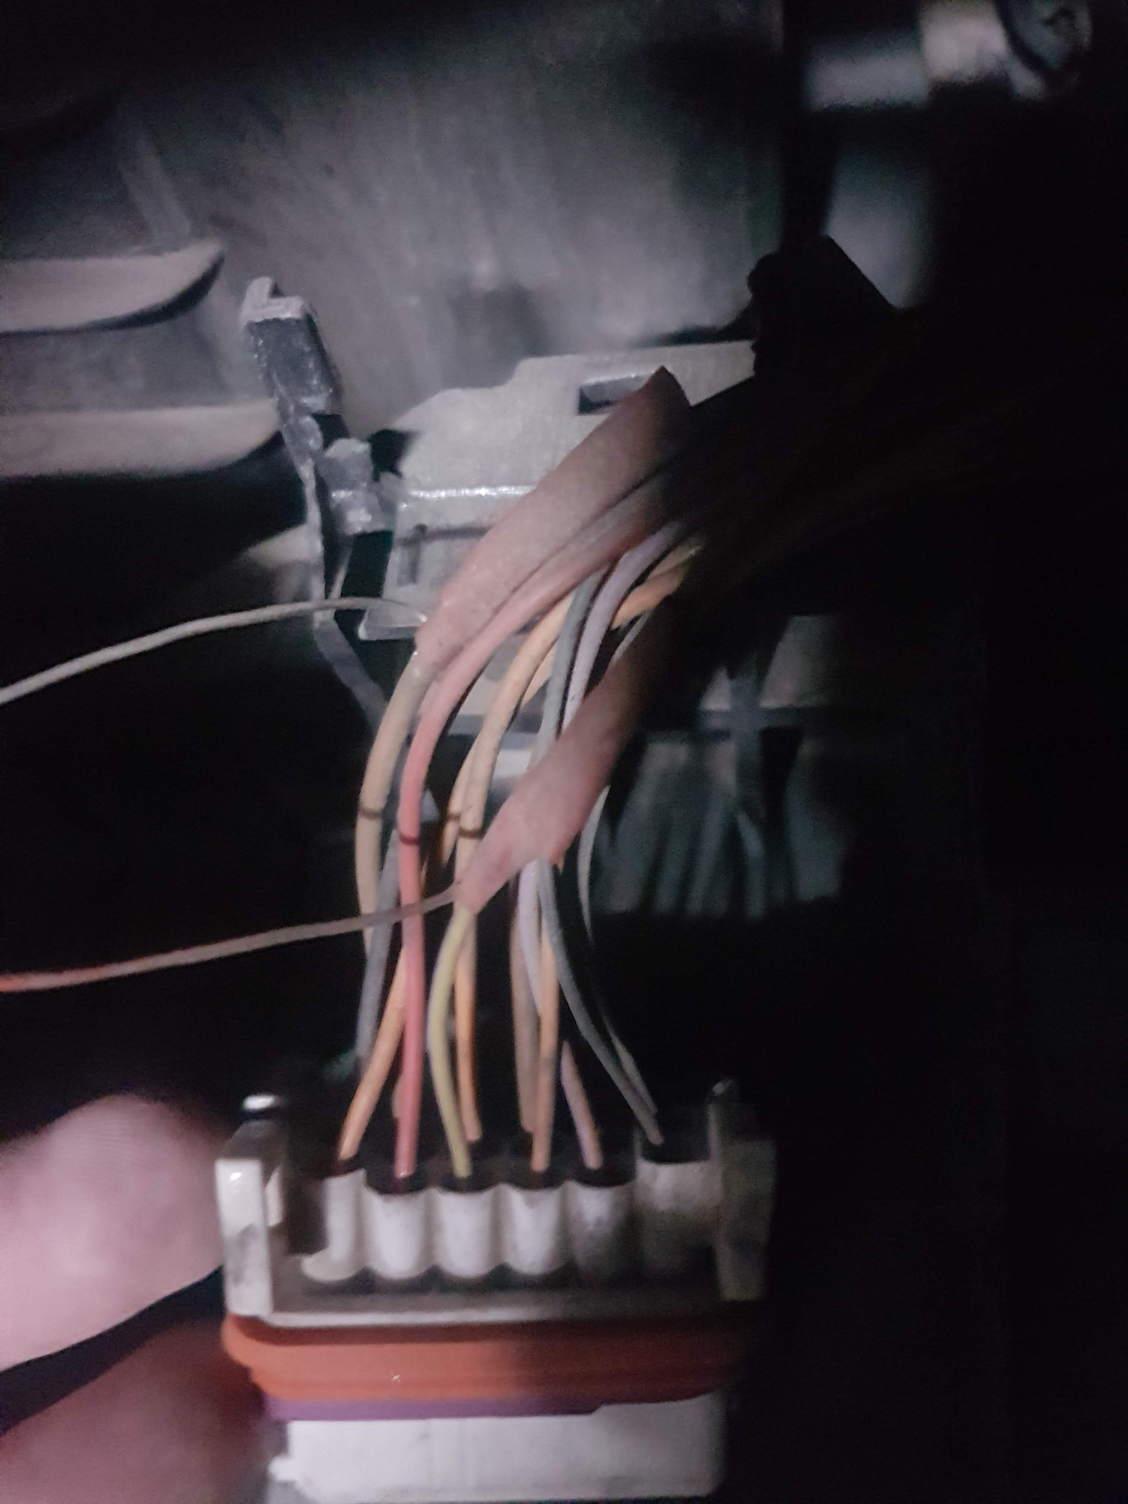 Odd Extra Wires On 2004 Headlight Wiring Harness Help Rennlist Porsche Cayenne Thanks